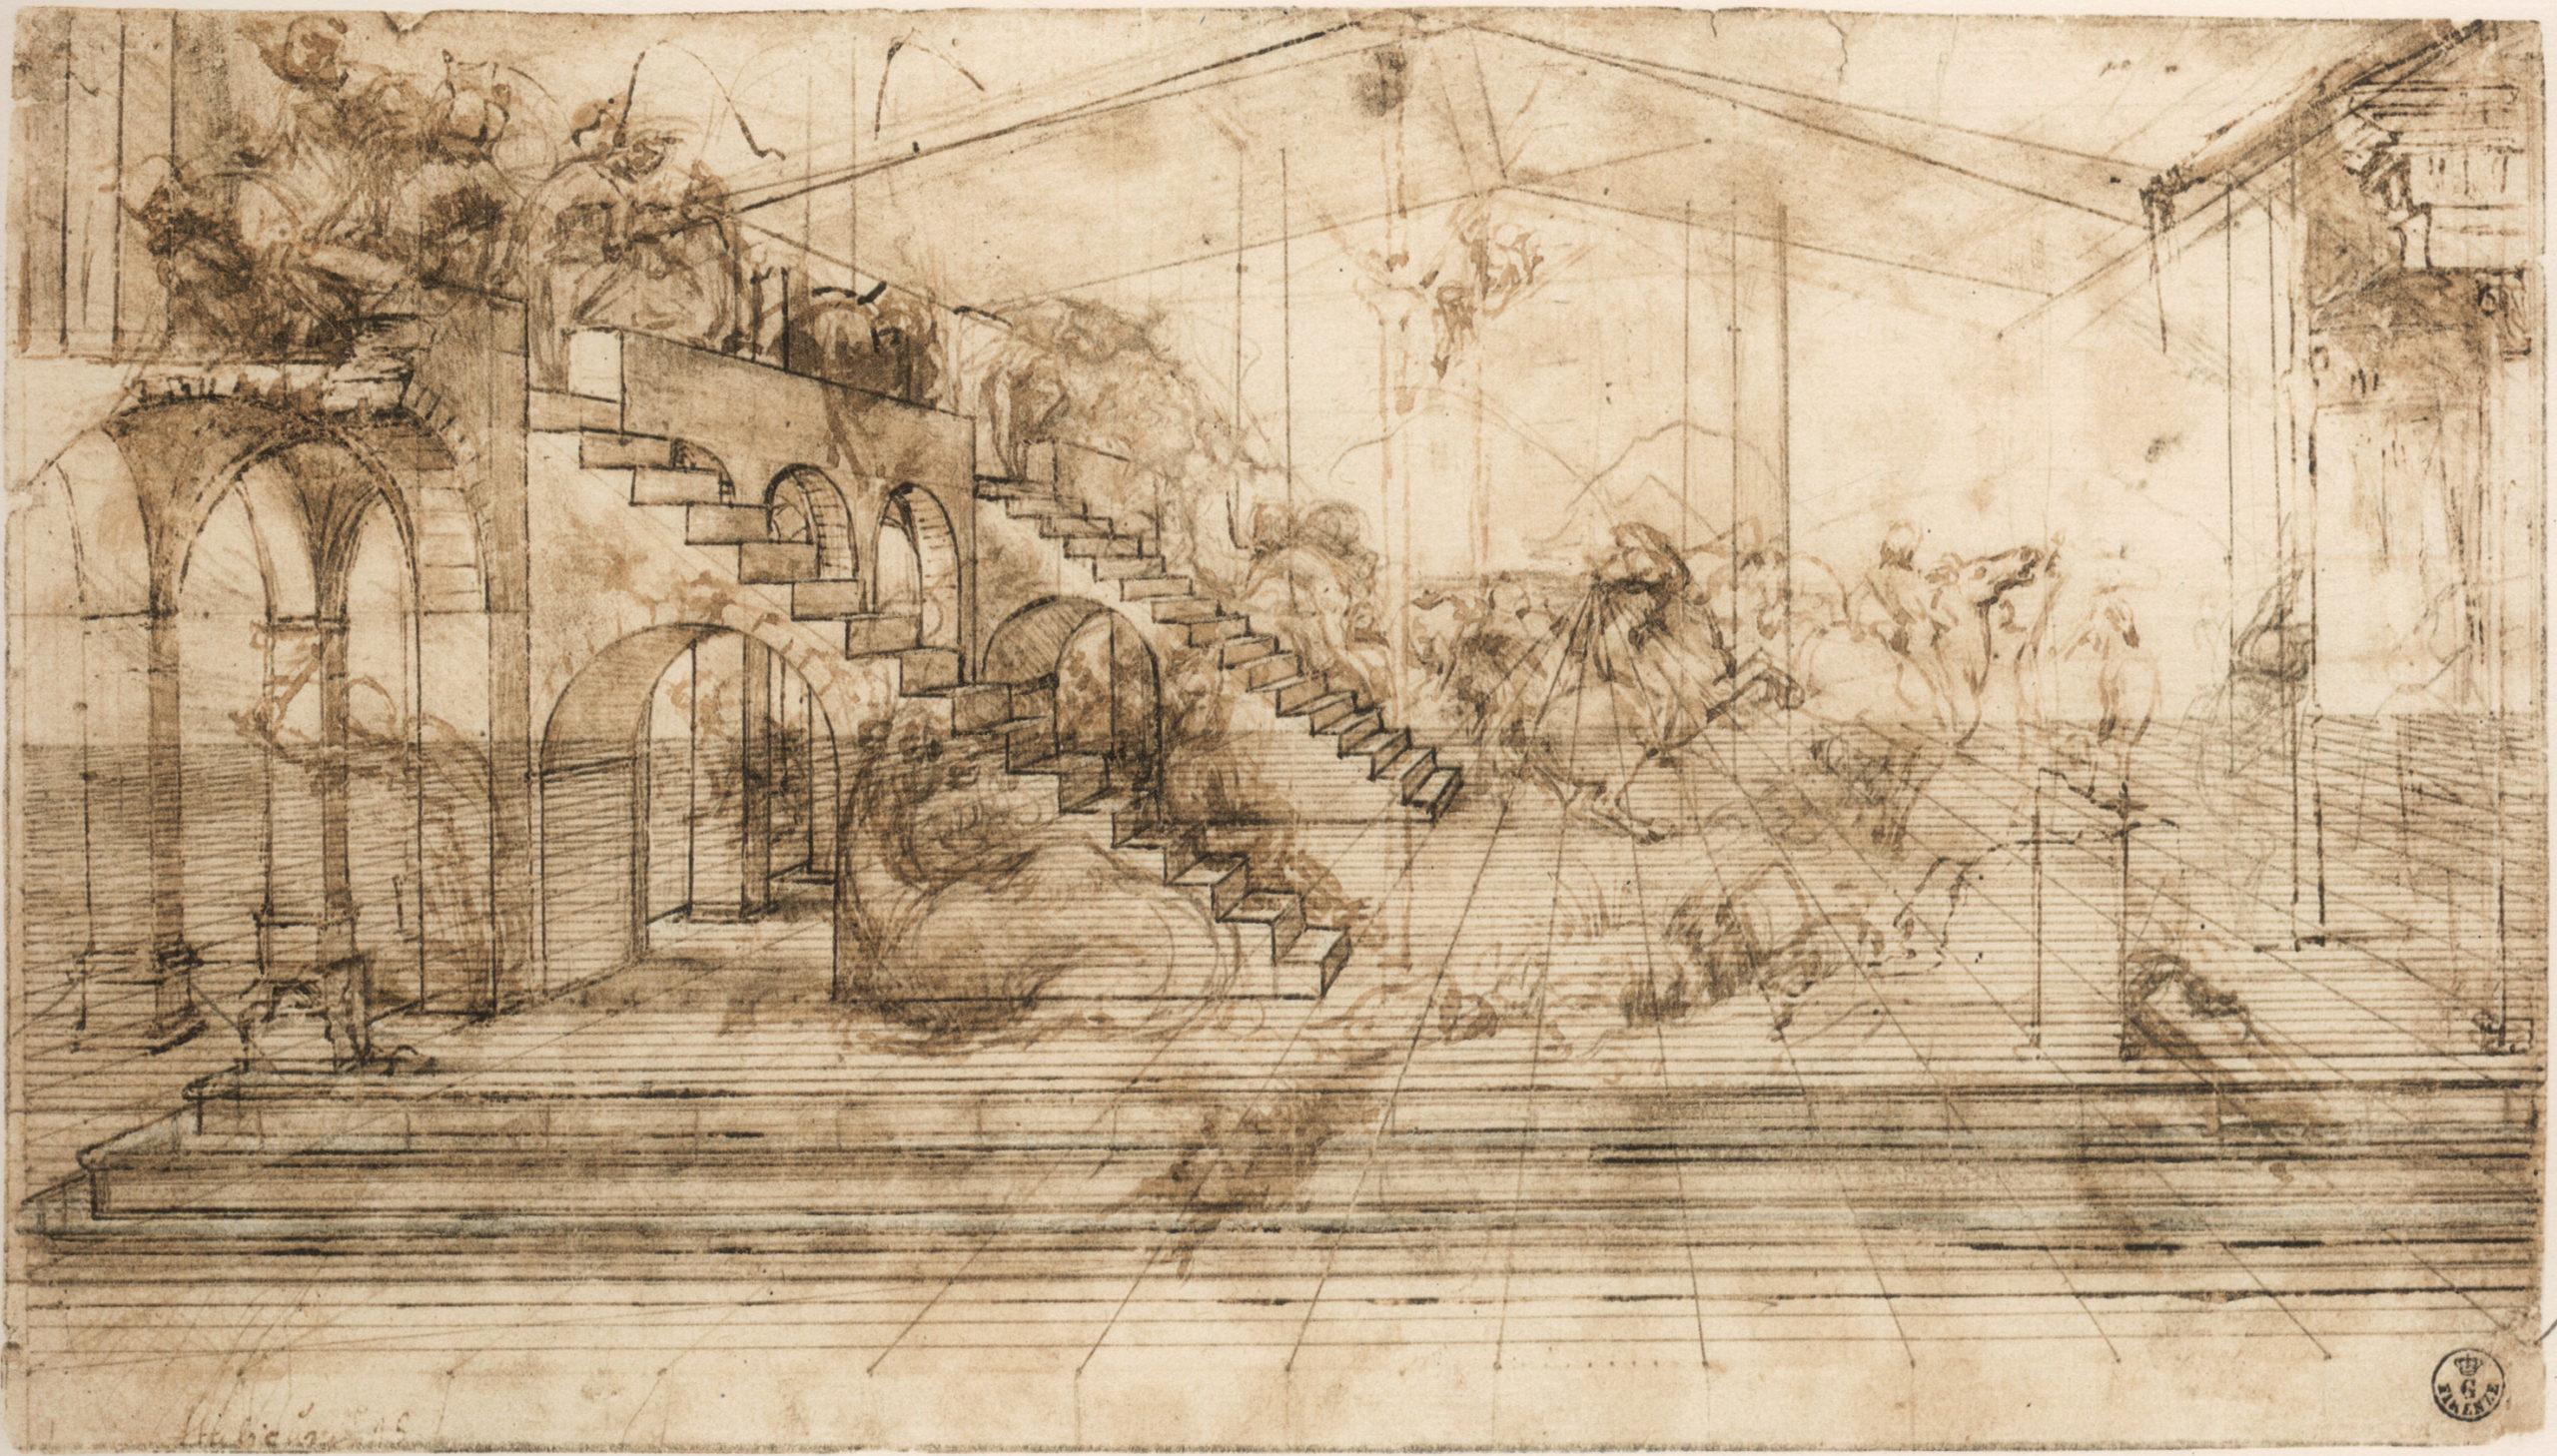 Adoracja trzech kroli, Leonardo Da Vinci, rysunek przygotowawczy